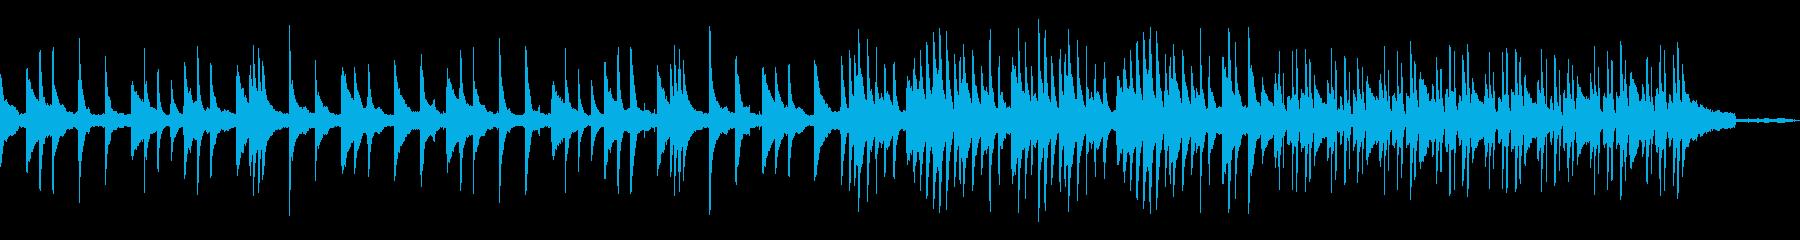 【シンセ抜】穏やかで優しい雰囲気ピアノ曲の再生済みの波形